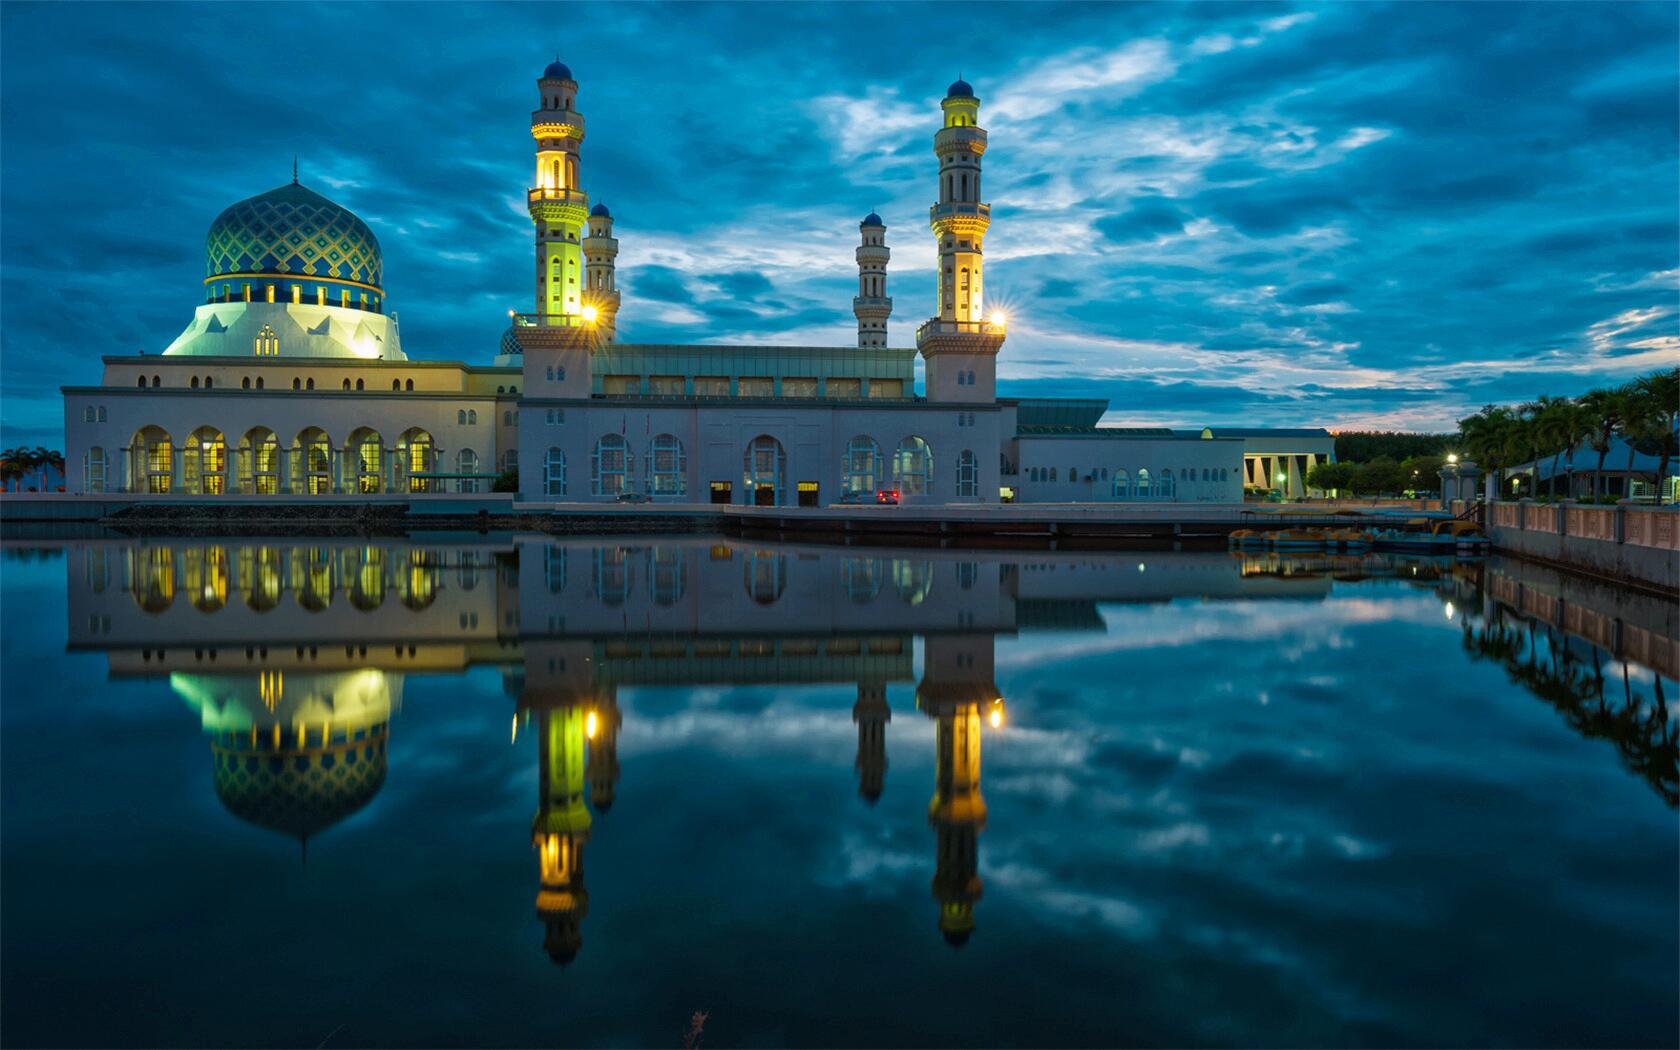 泰国+马来西亚+新加坡10日9晚跟团游·五星港龙航空,曼谷1晚升级国际